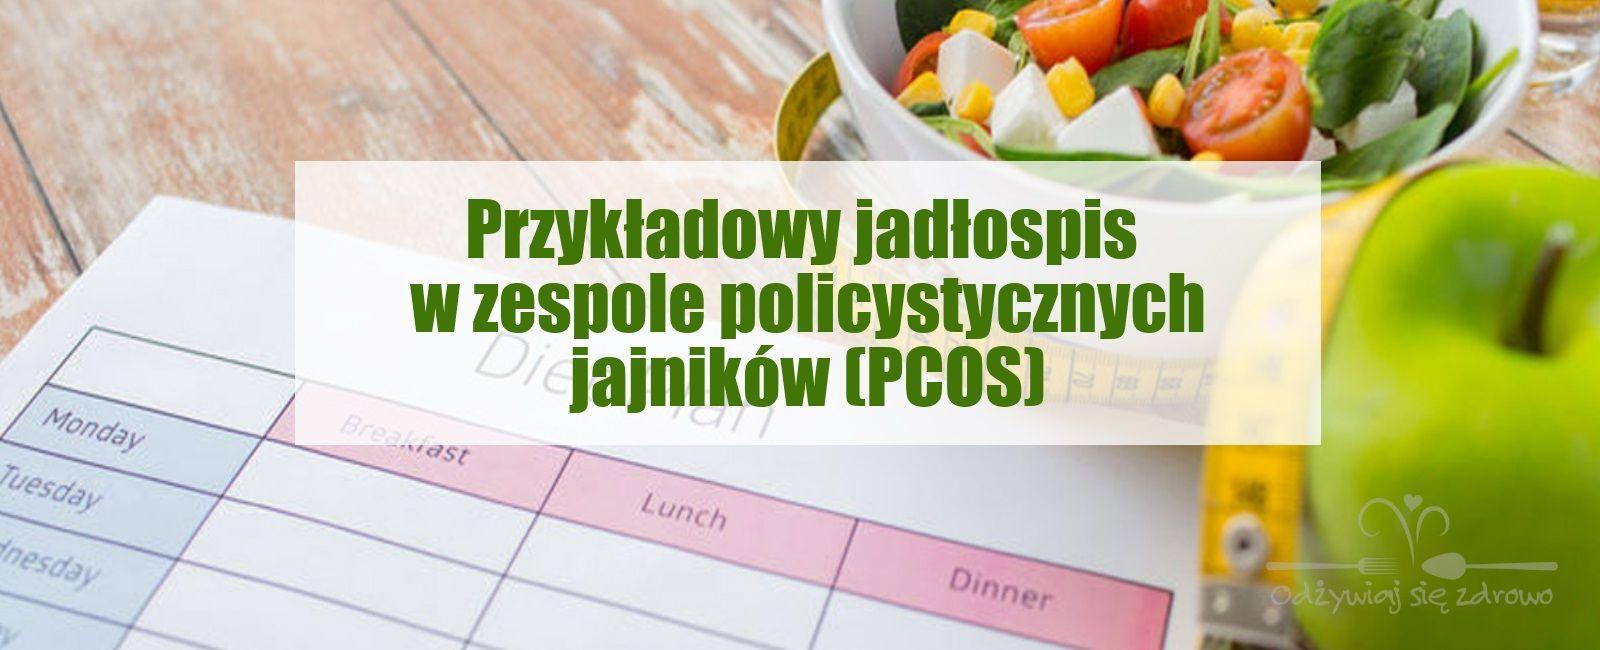 Dieta W Zespole Policystycznych Jajnikow Pcos Przykladowy